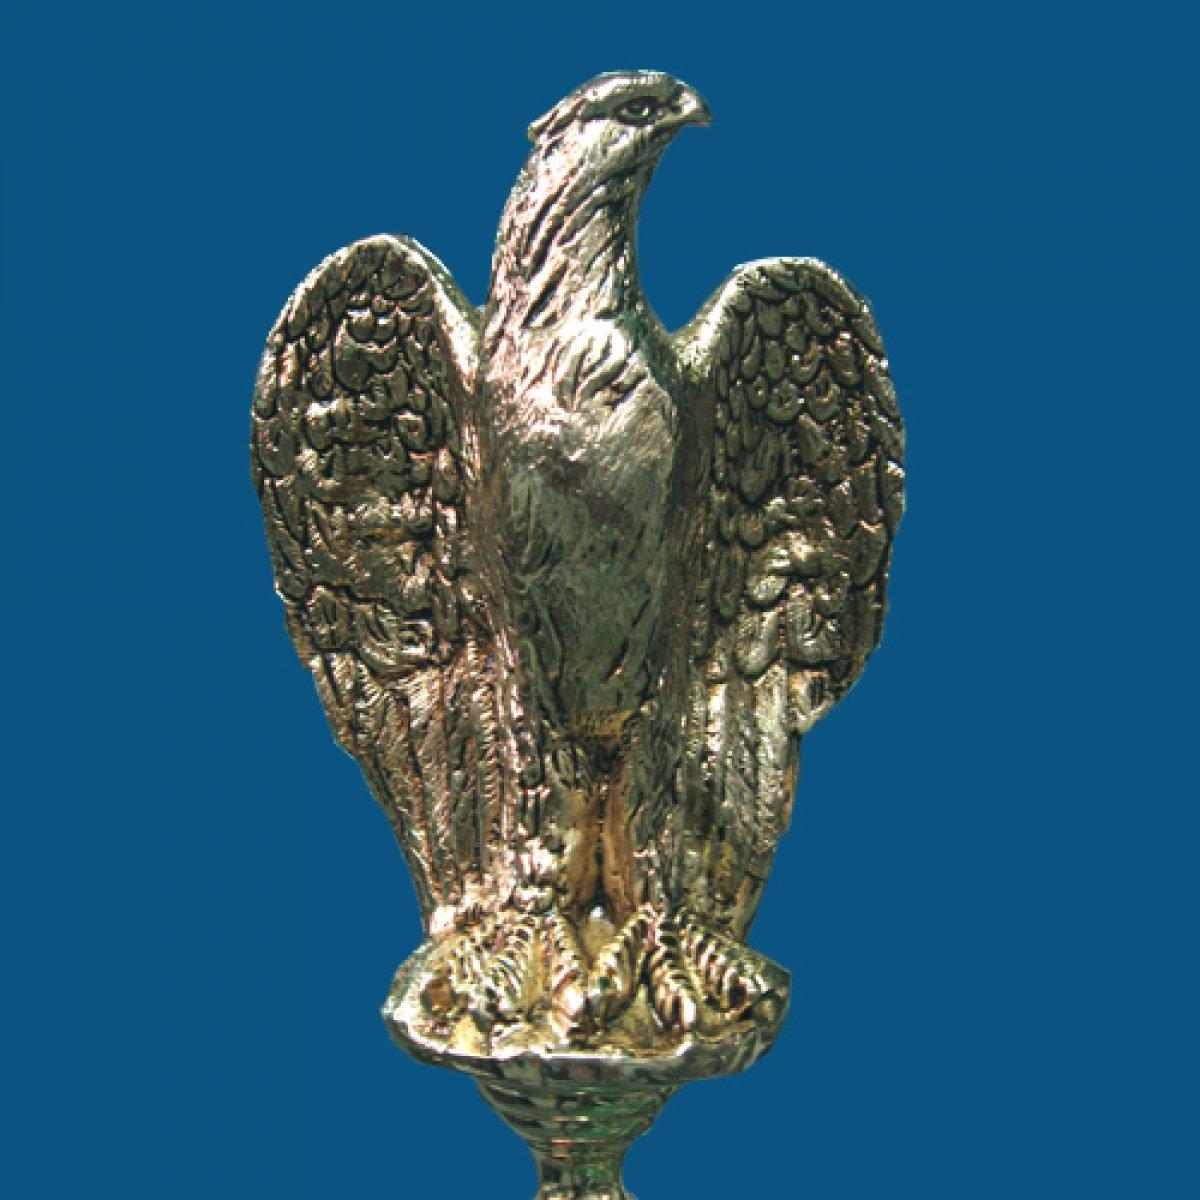 Águila cara